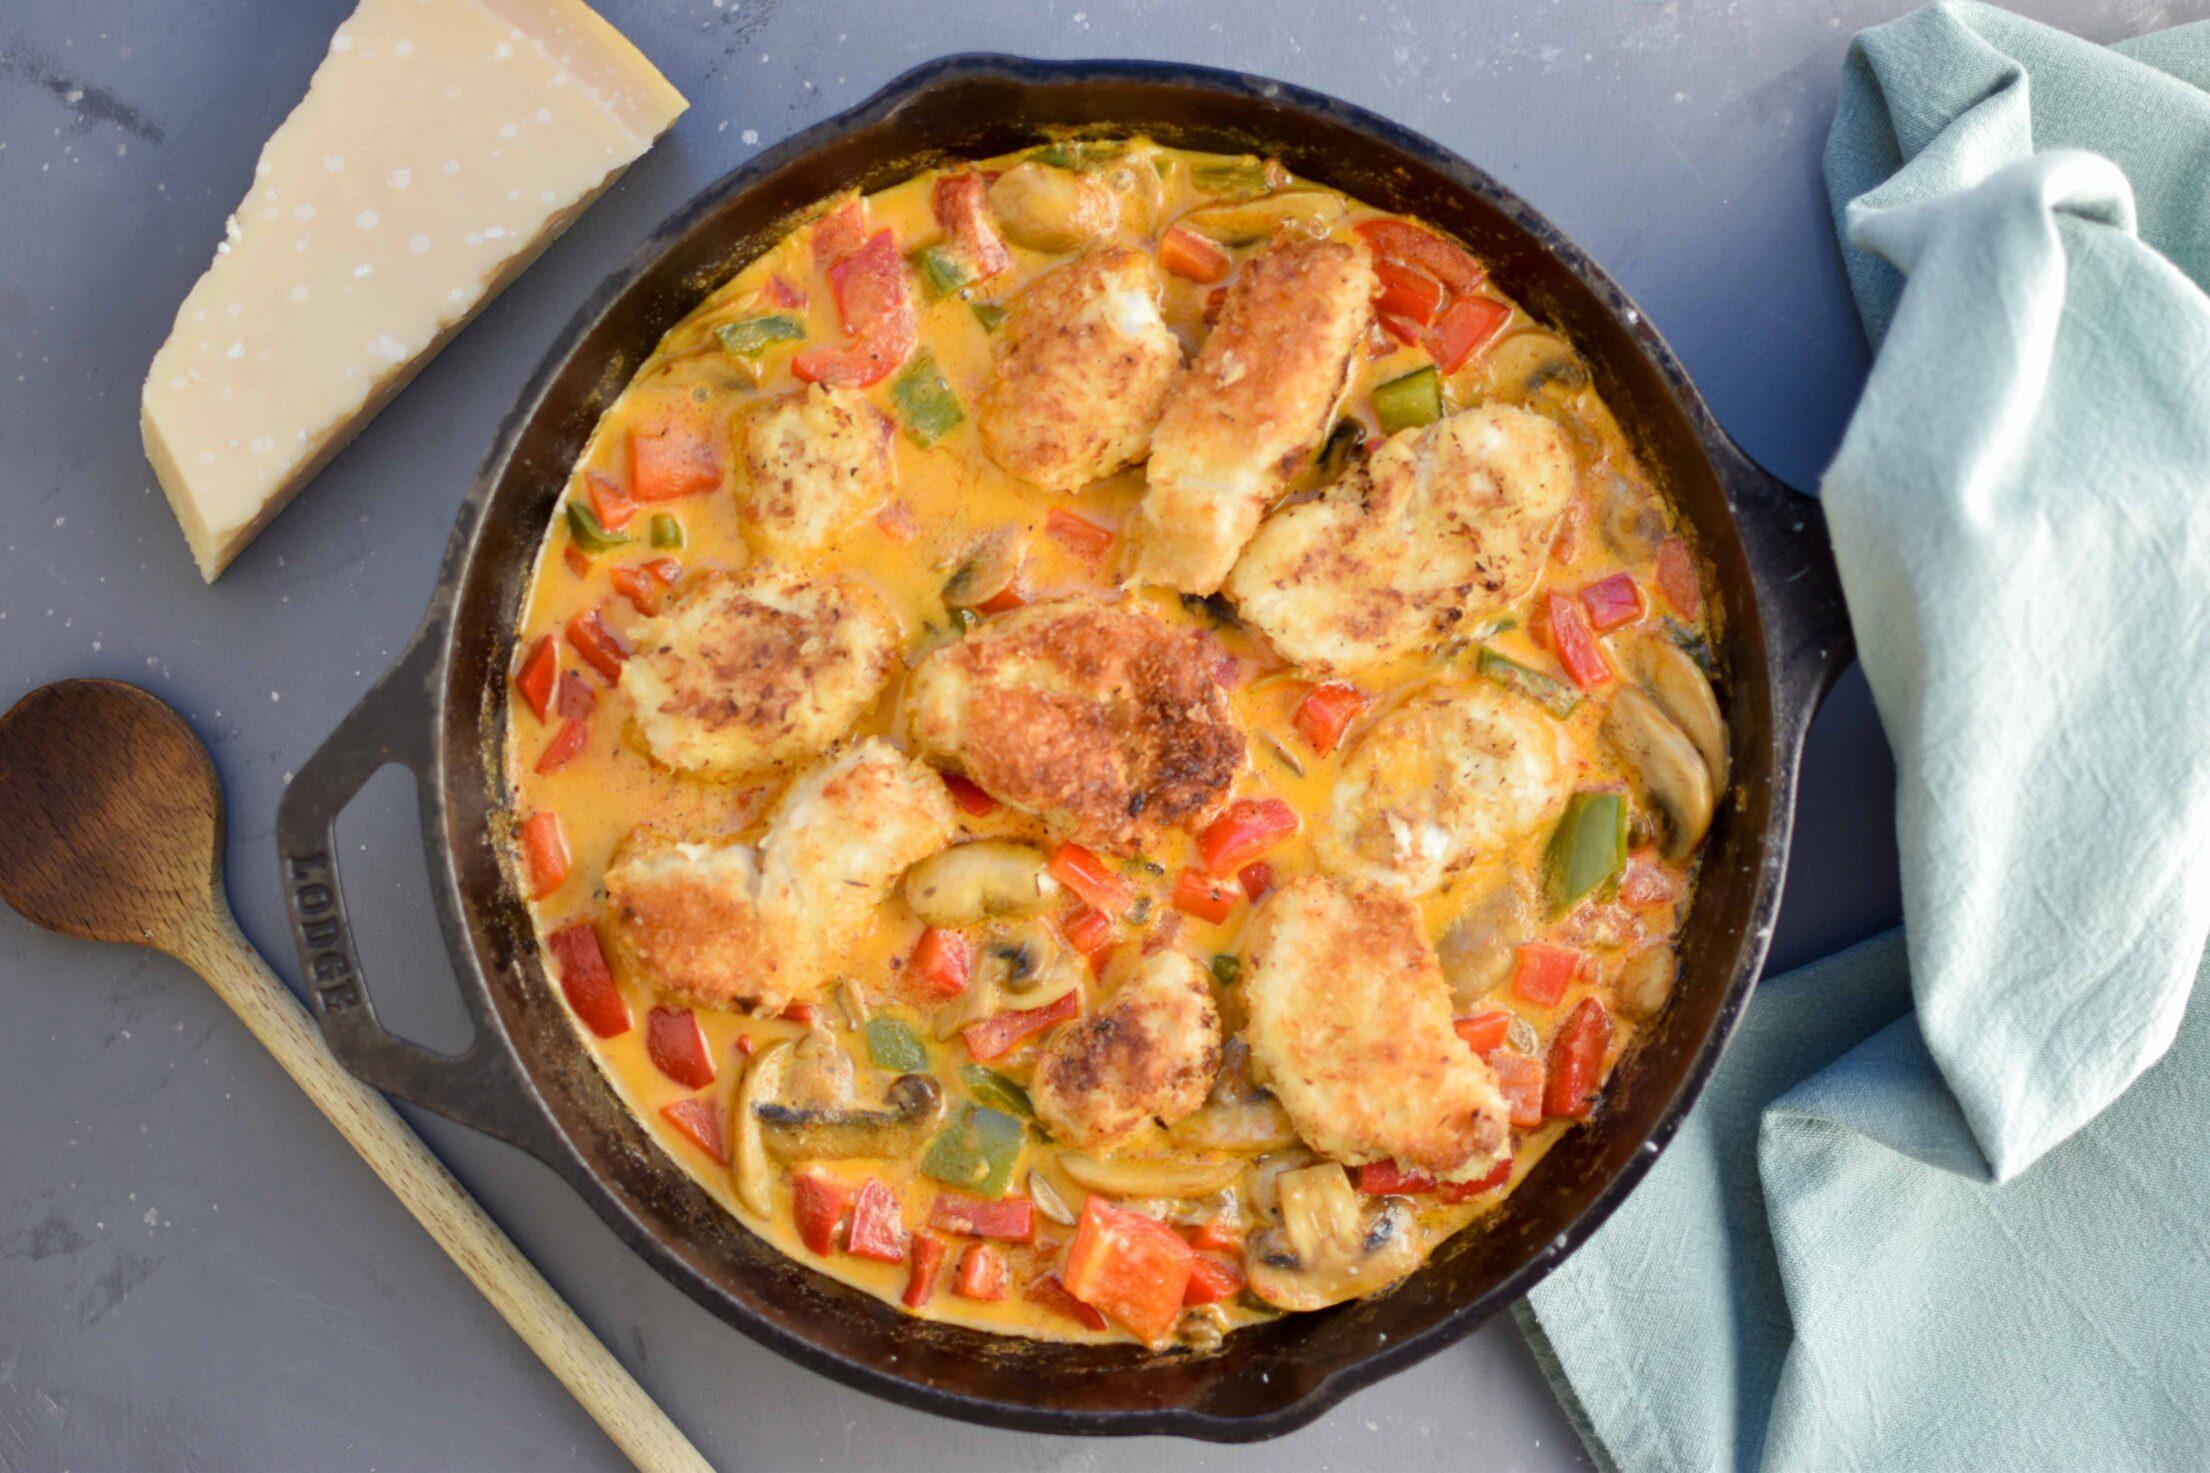 Pasta met krokante kip, groenten en een romige saus